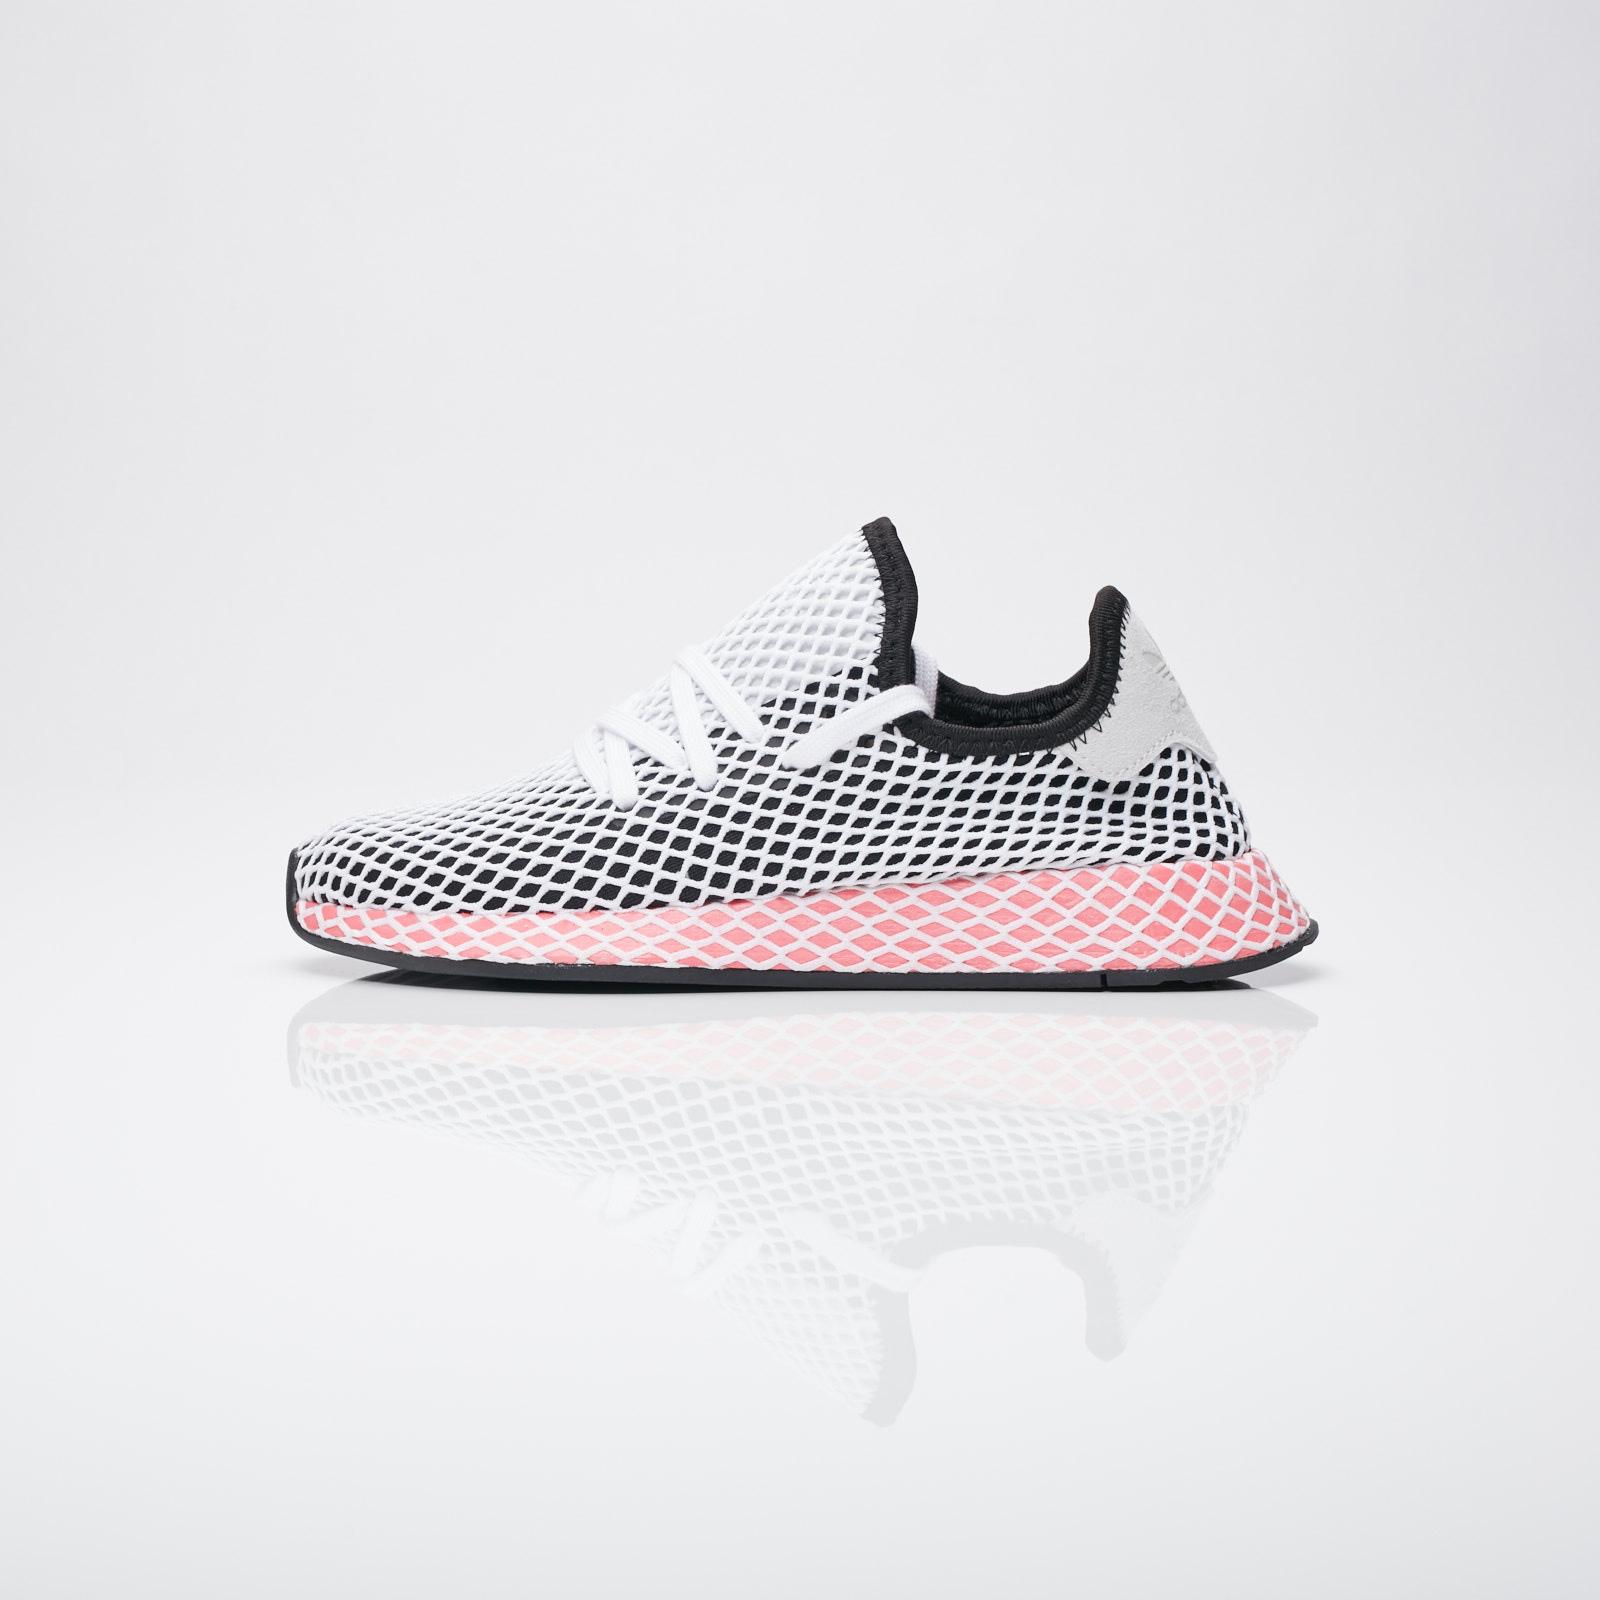 77f01e2e9ae197 adidas Deerupt Runner W - Cq2909 - Sneakersnstuff